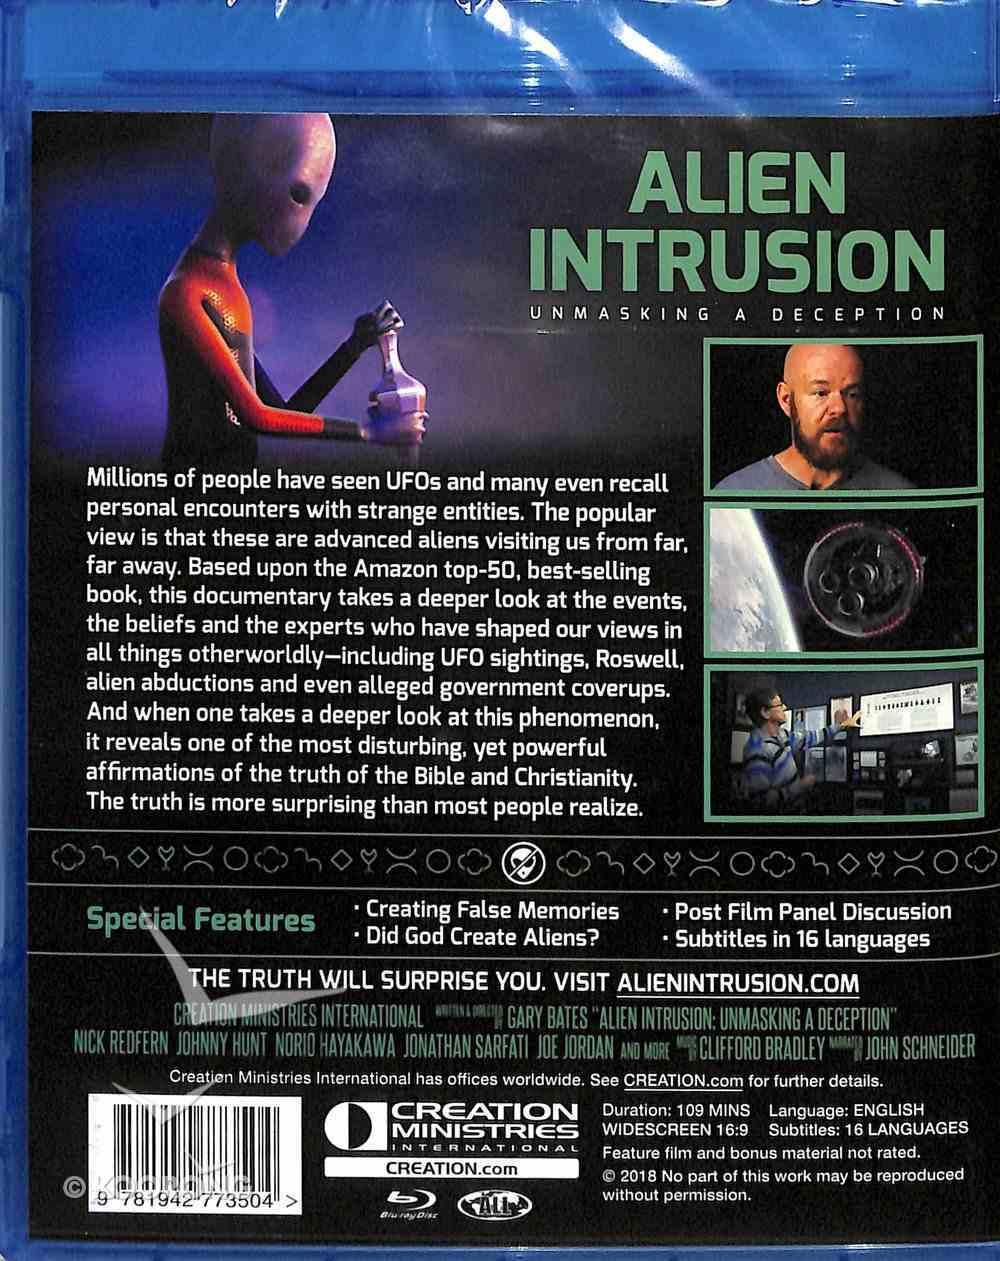 Alien Intrusion: Unmasking a Deception (Blu-ray) Blu-ray Disc